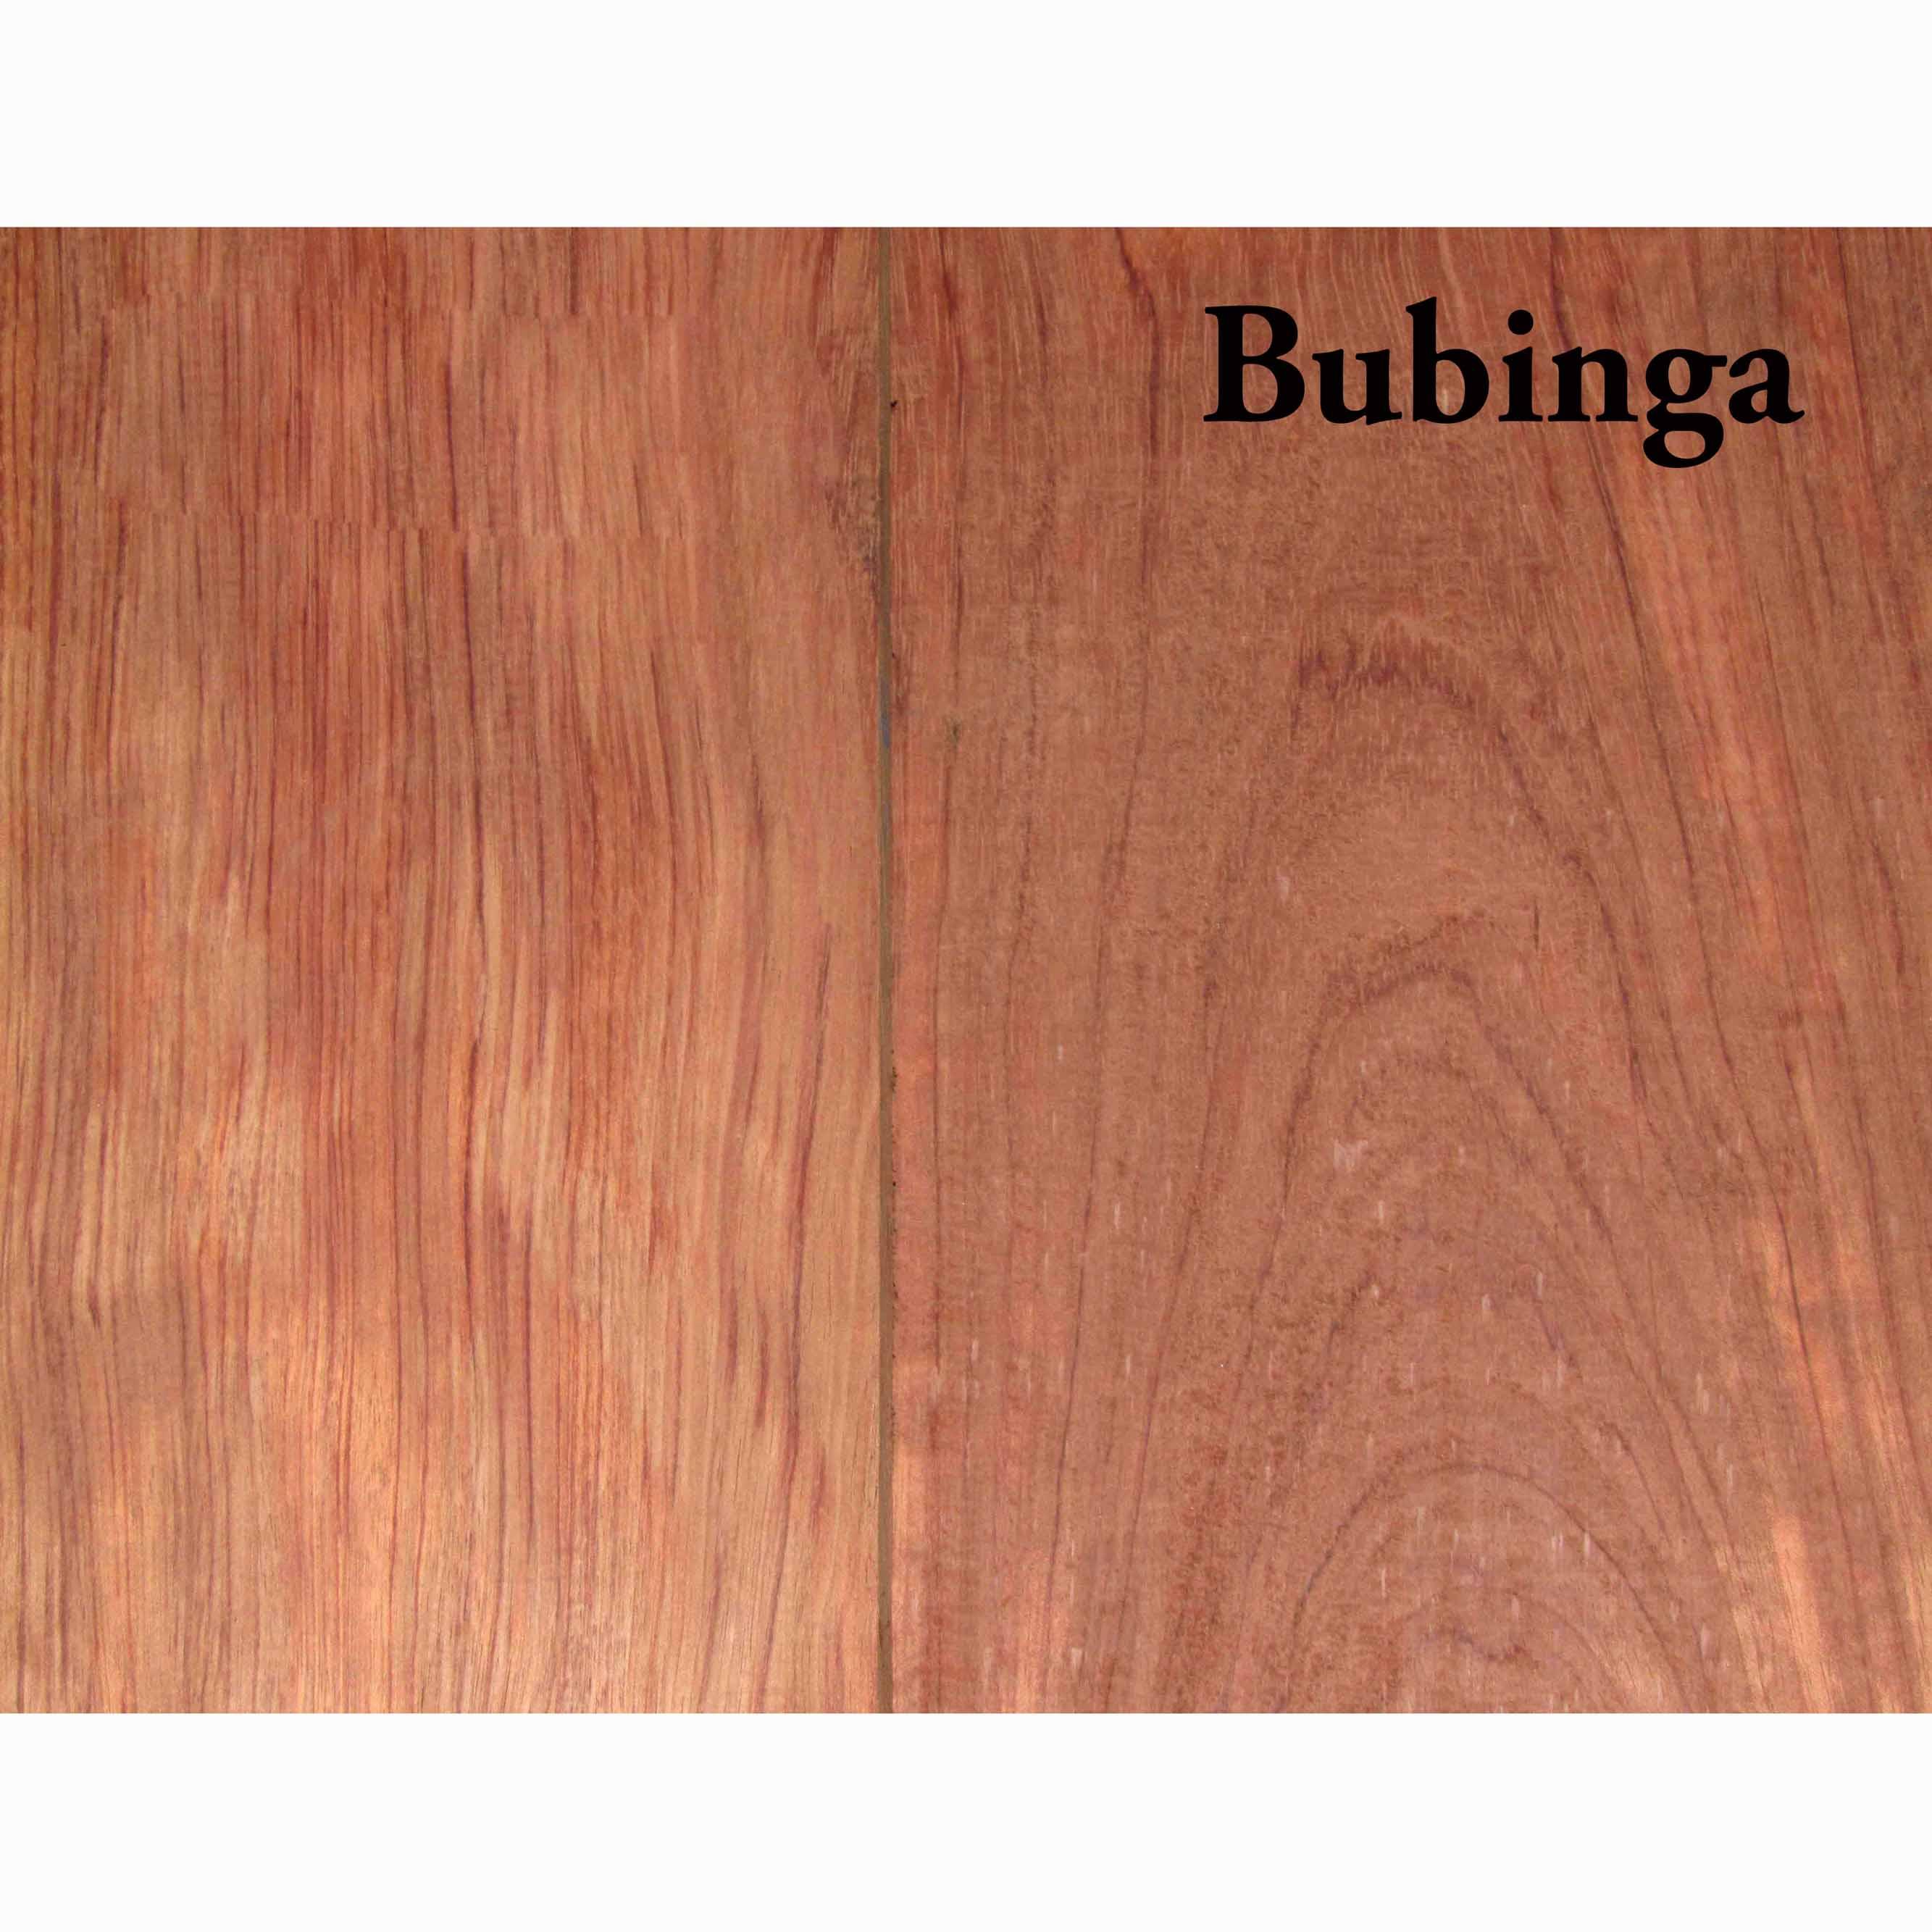 Bubinga (African Rosewood)